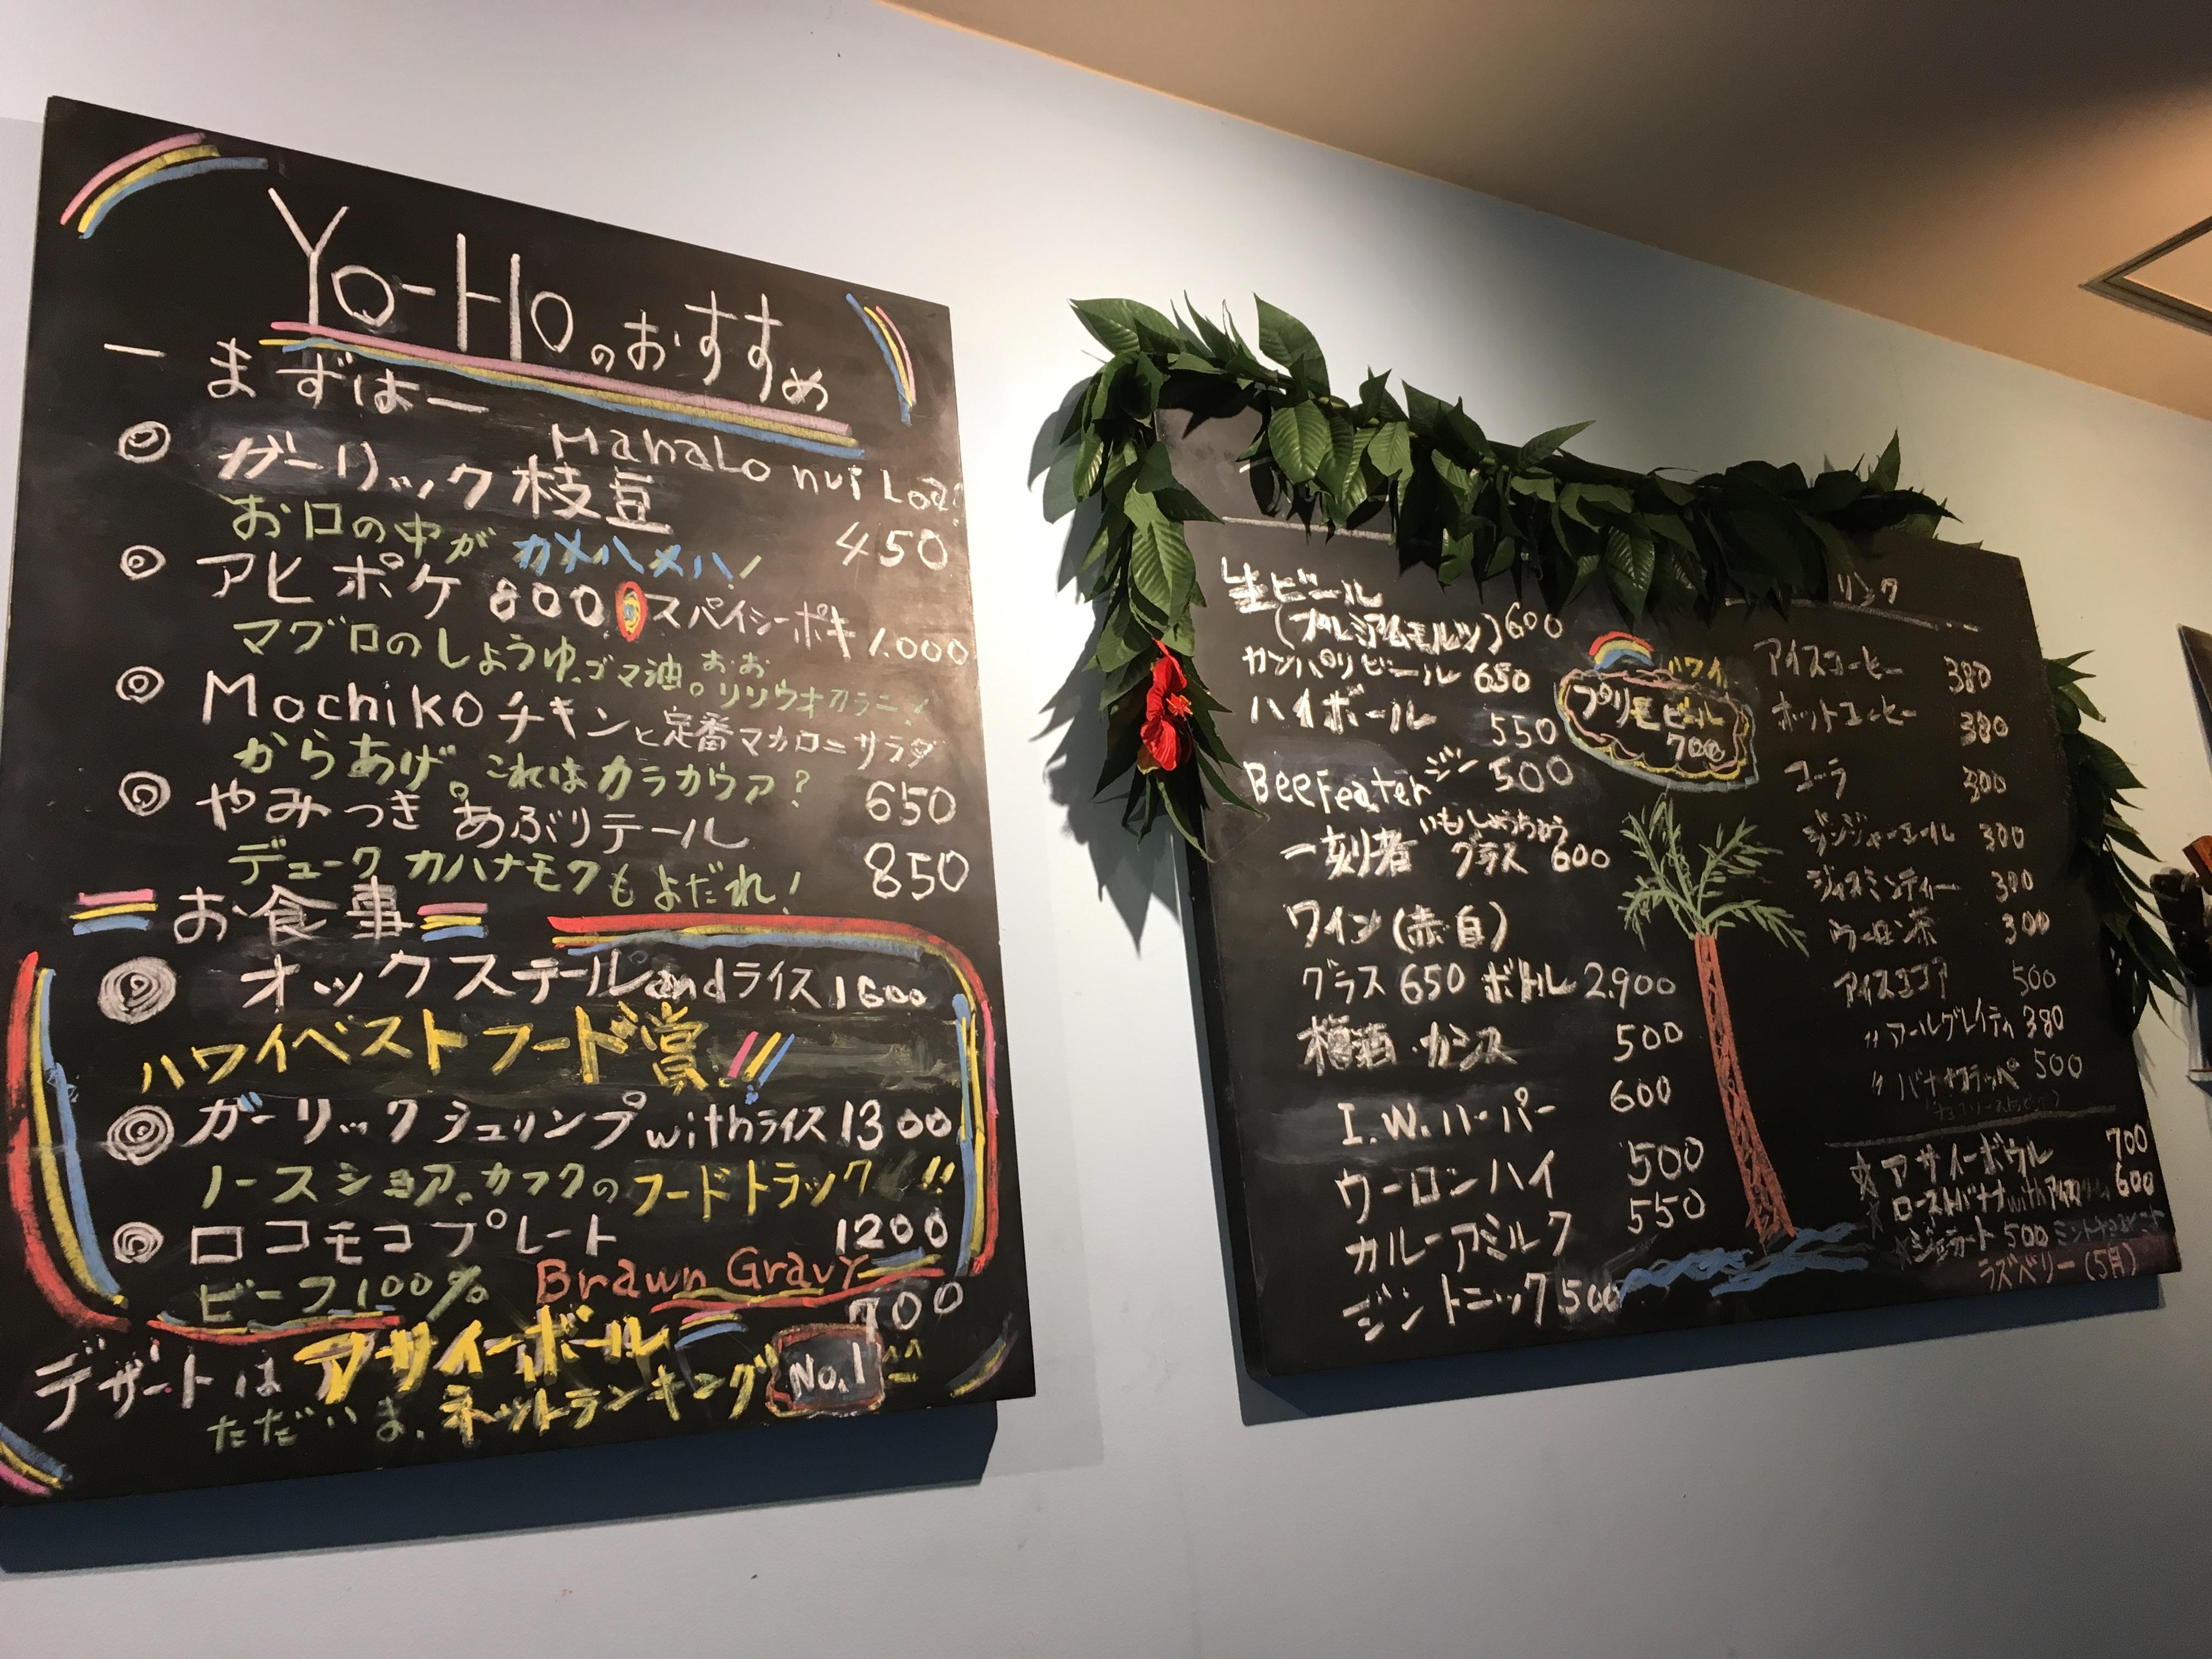 yo-hos_cafe_lanai-store2